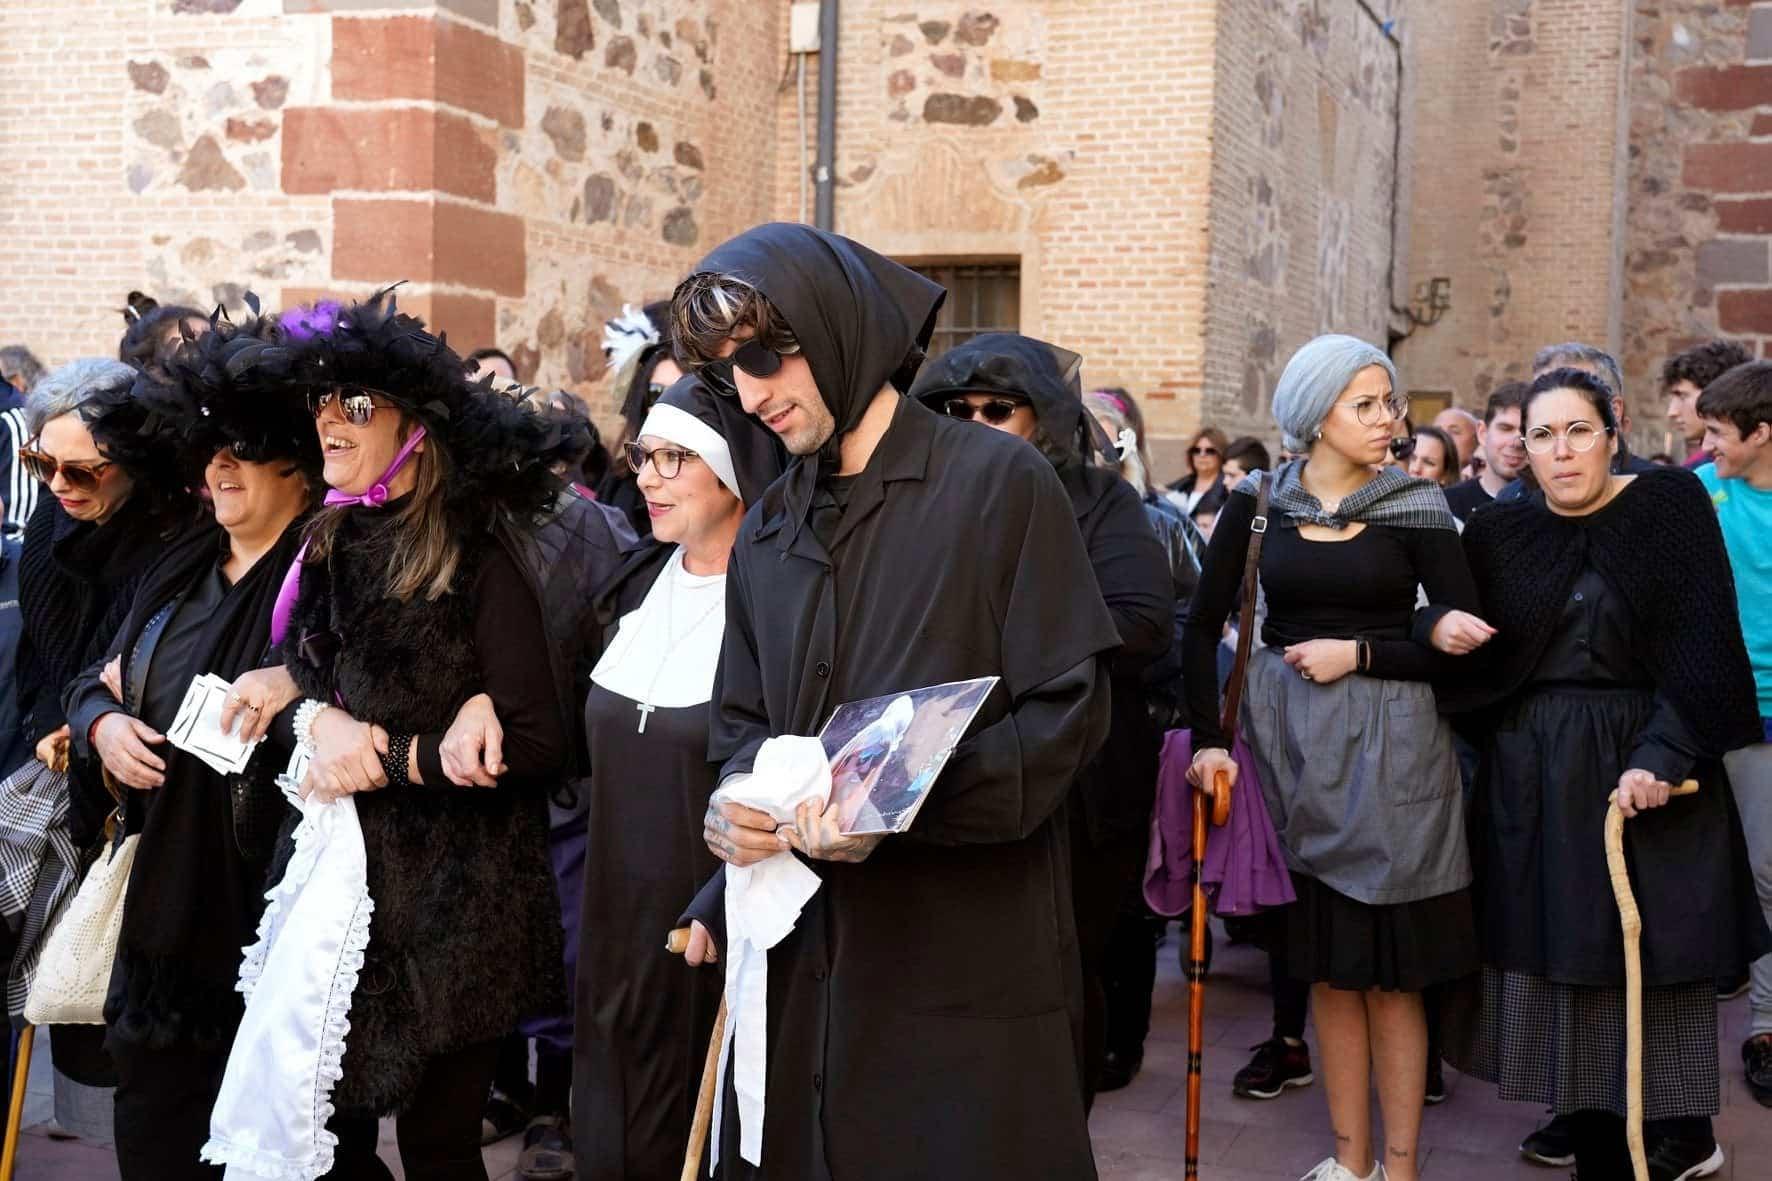 Carnaval de Herencia 2020 entierro sardina 16 - El Entierro de la Sardina 2020 del Carnaval de Herencia